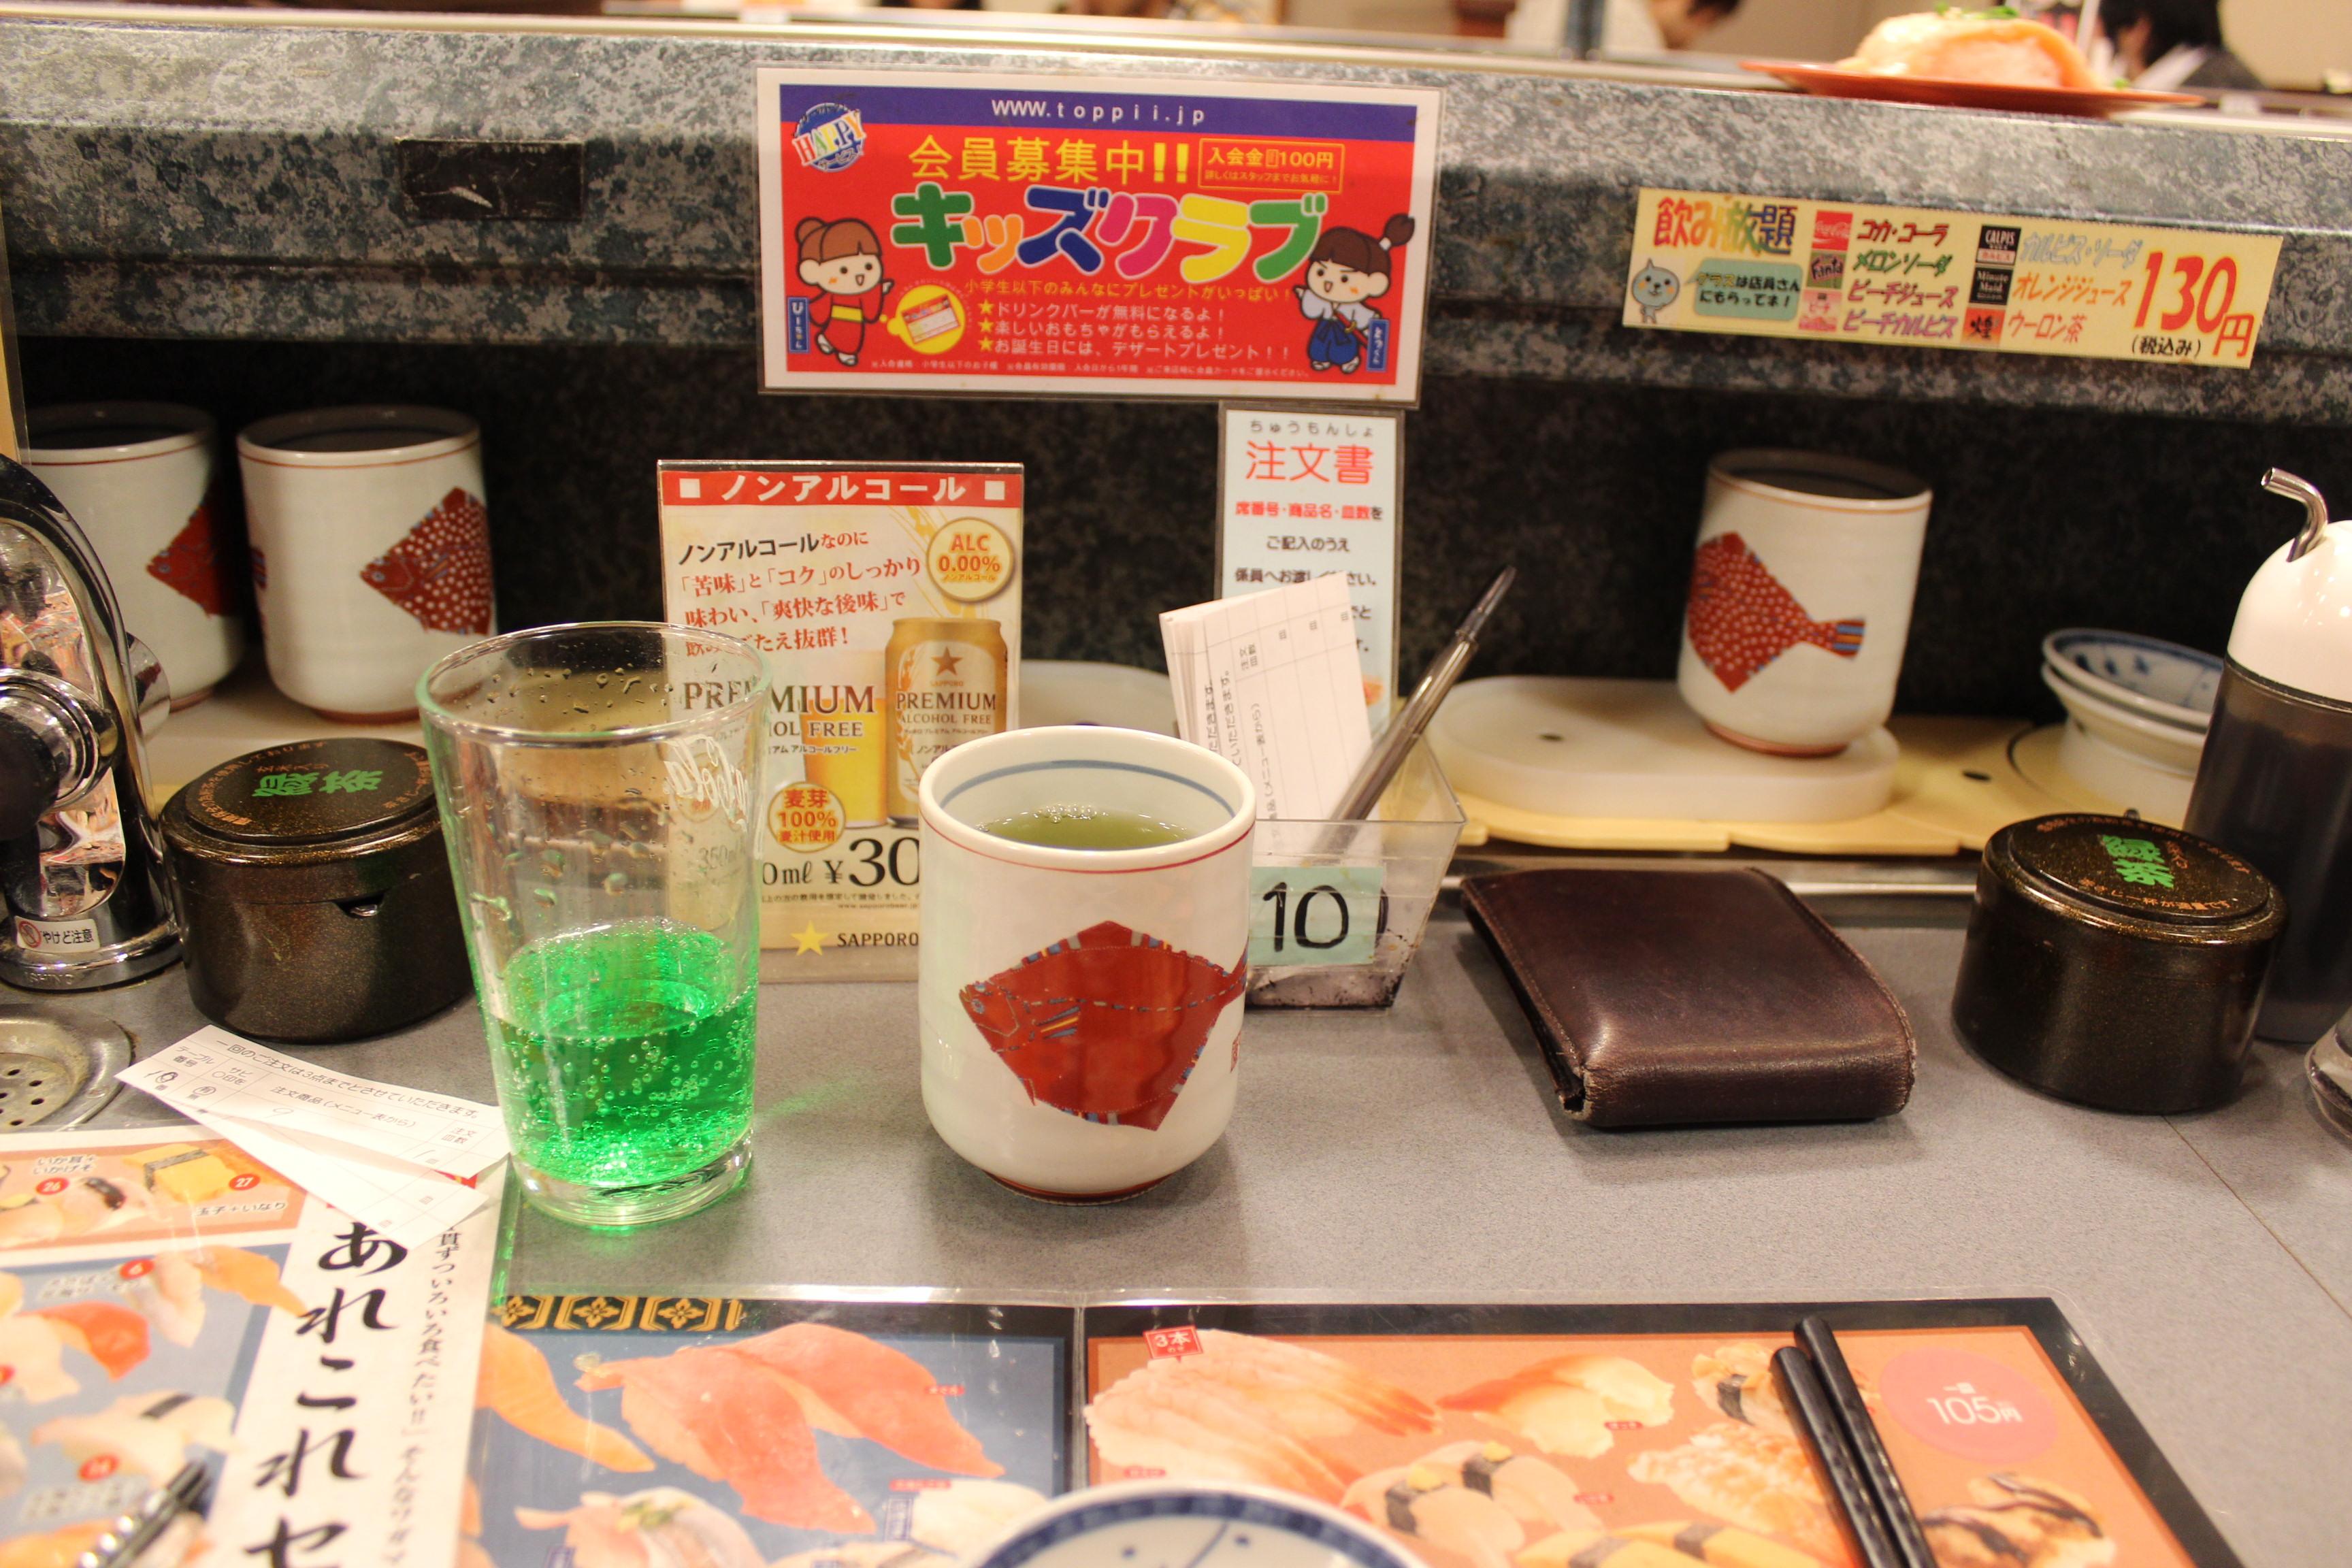 홋카이도 여행(2) - 홋카이도 내 음식편#2 (초밥